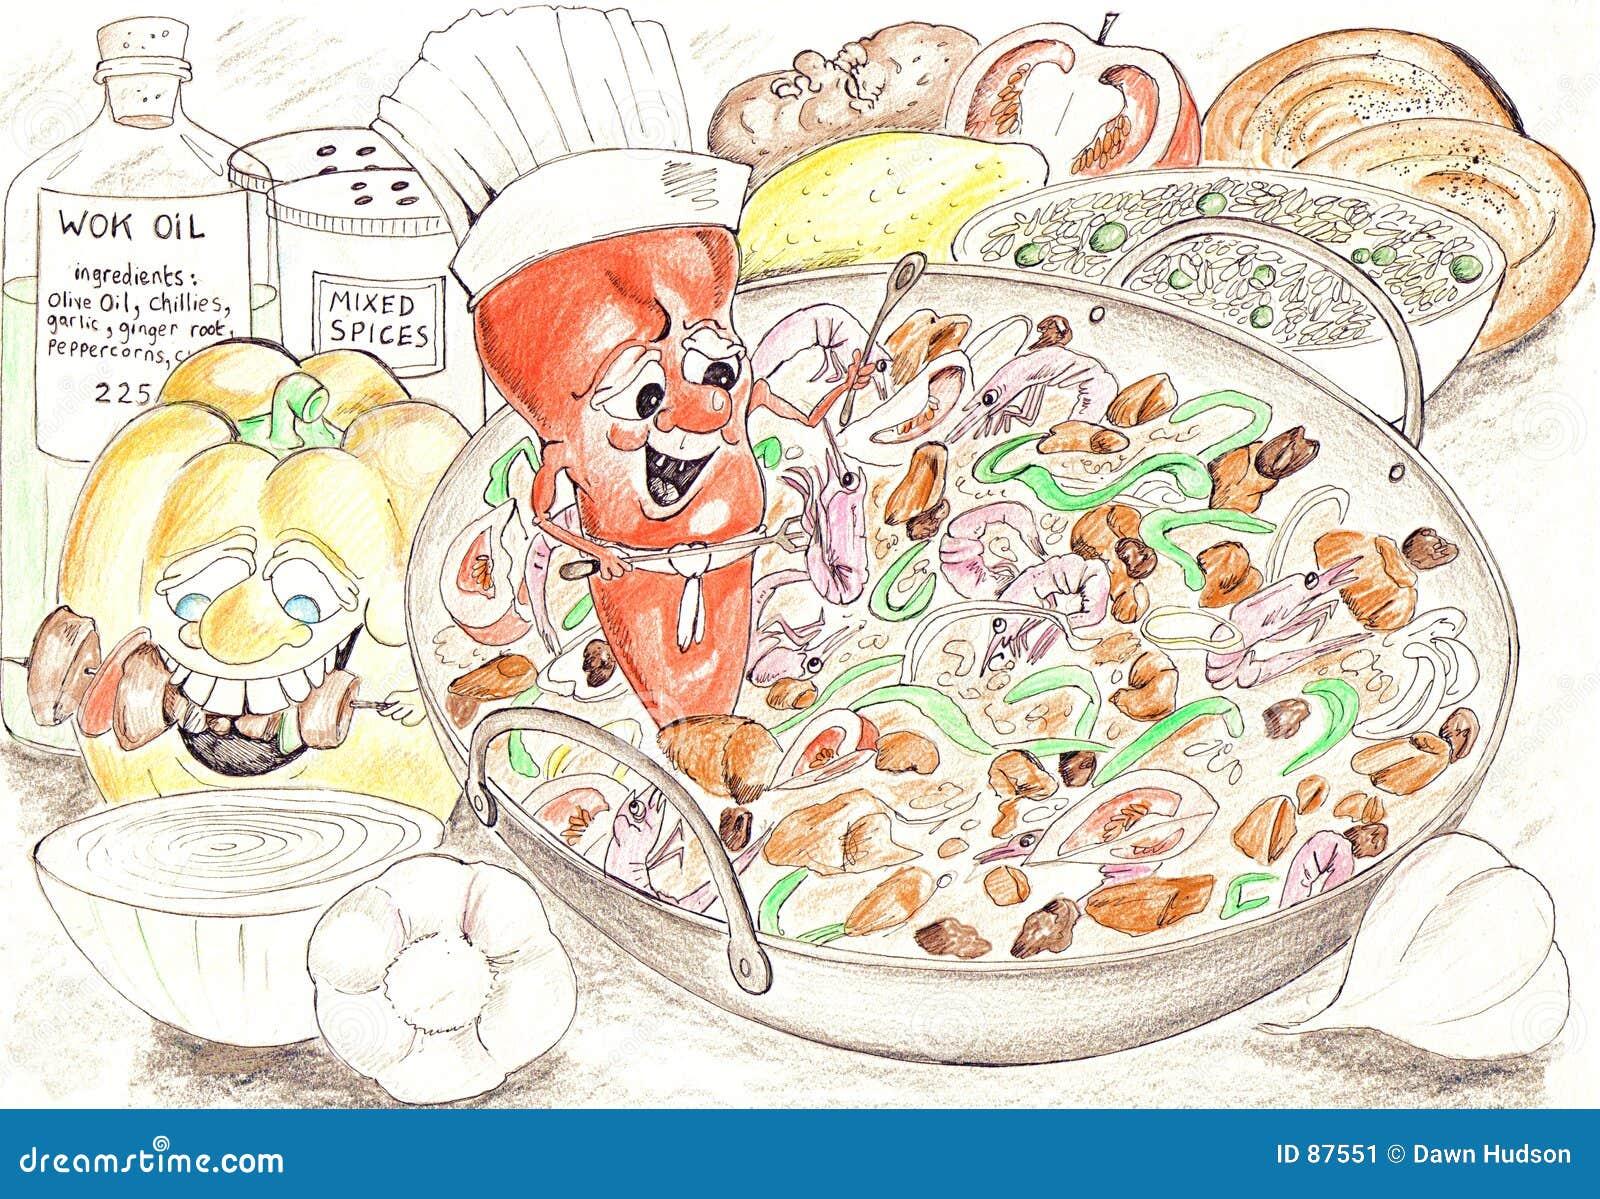 De Ingrediënten van de wok